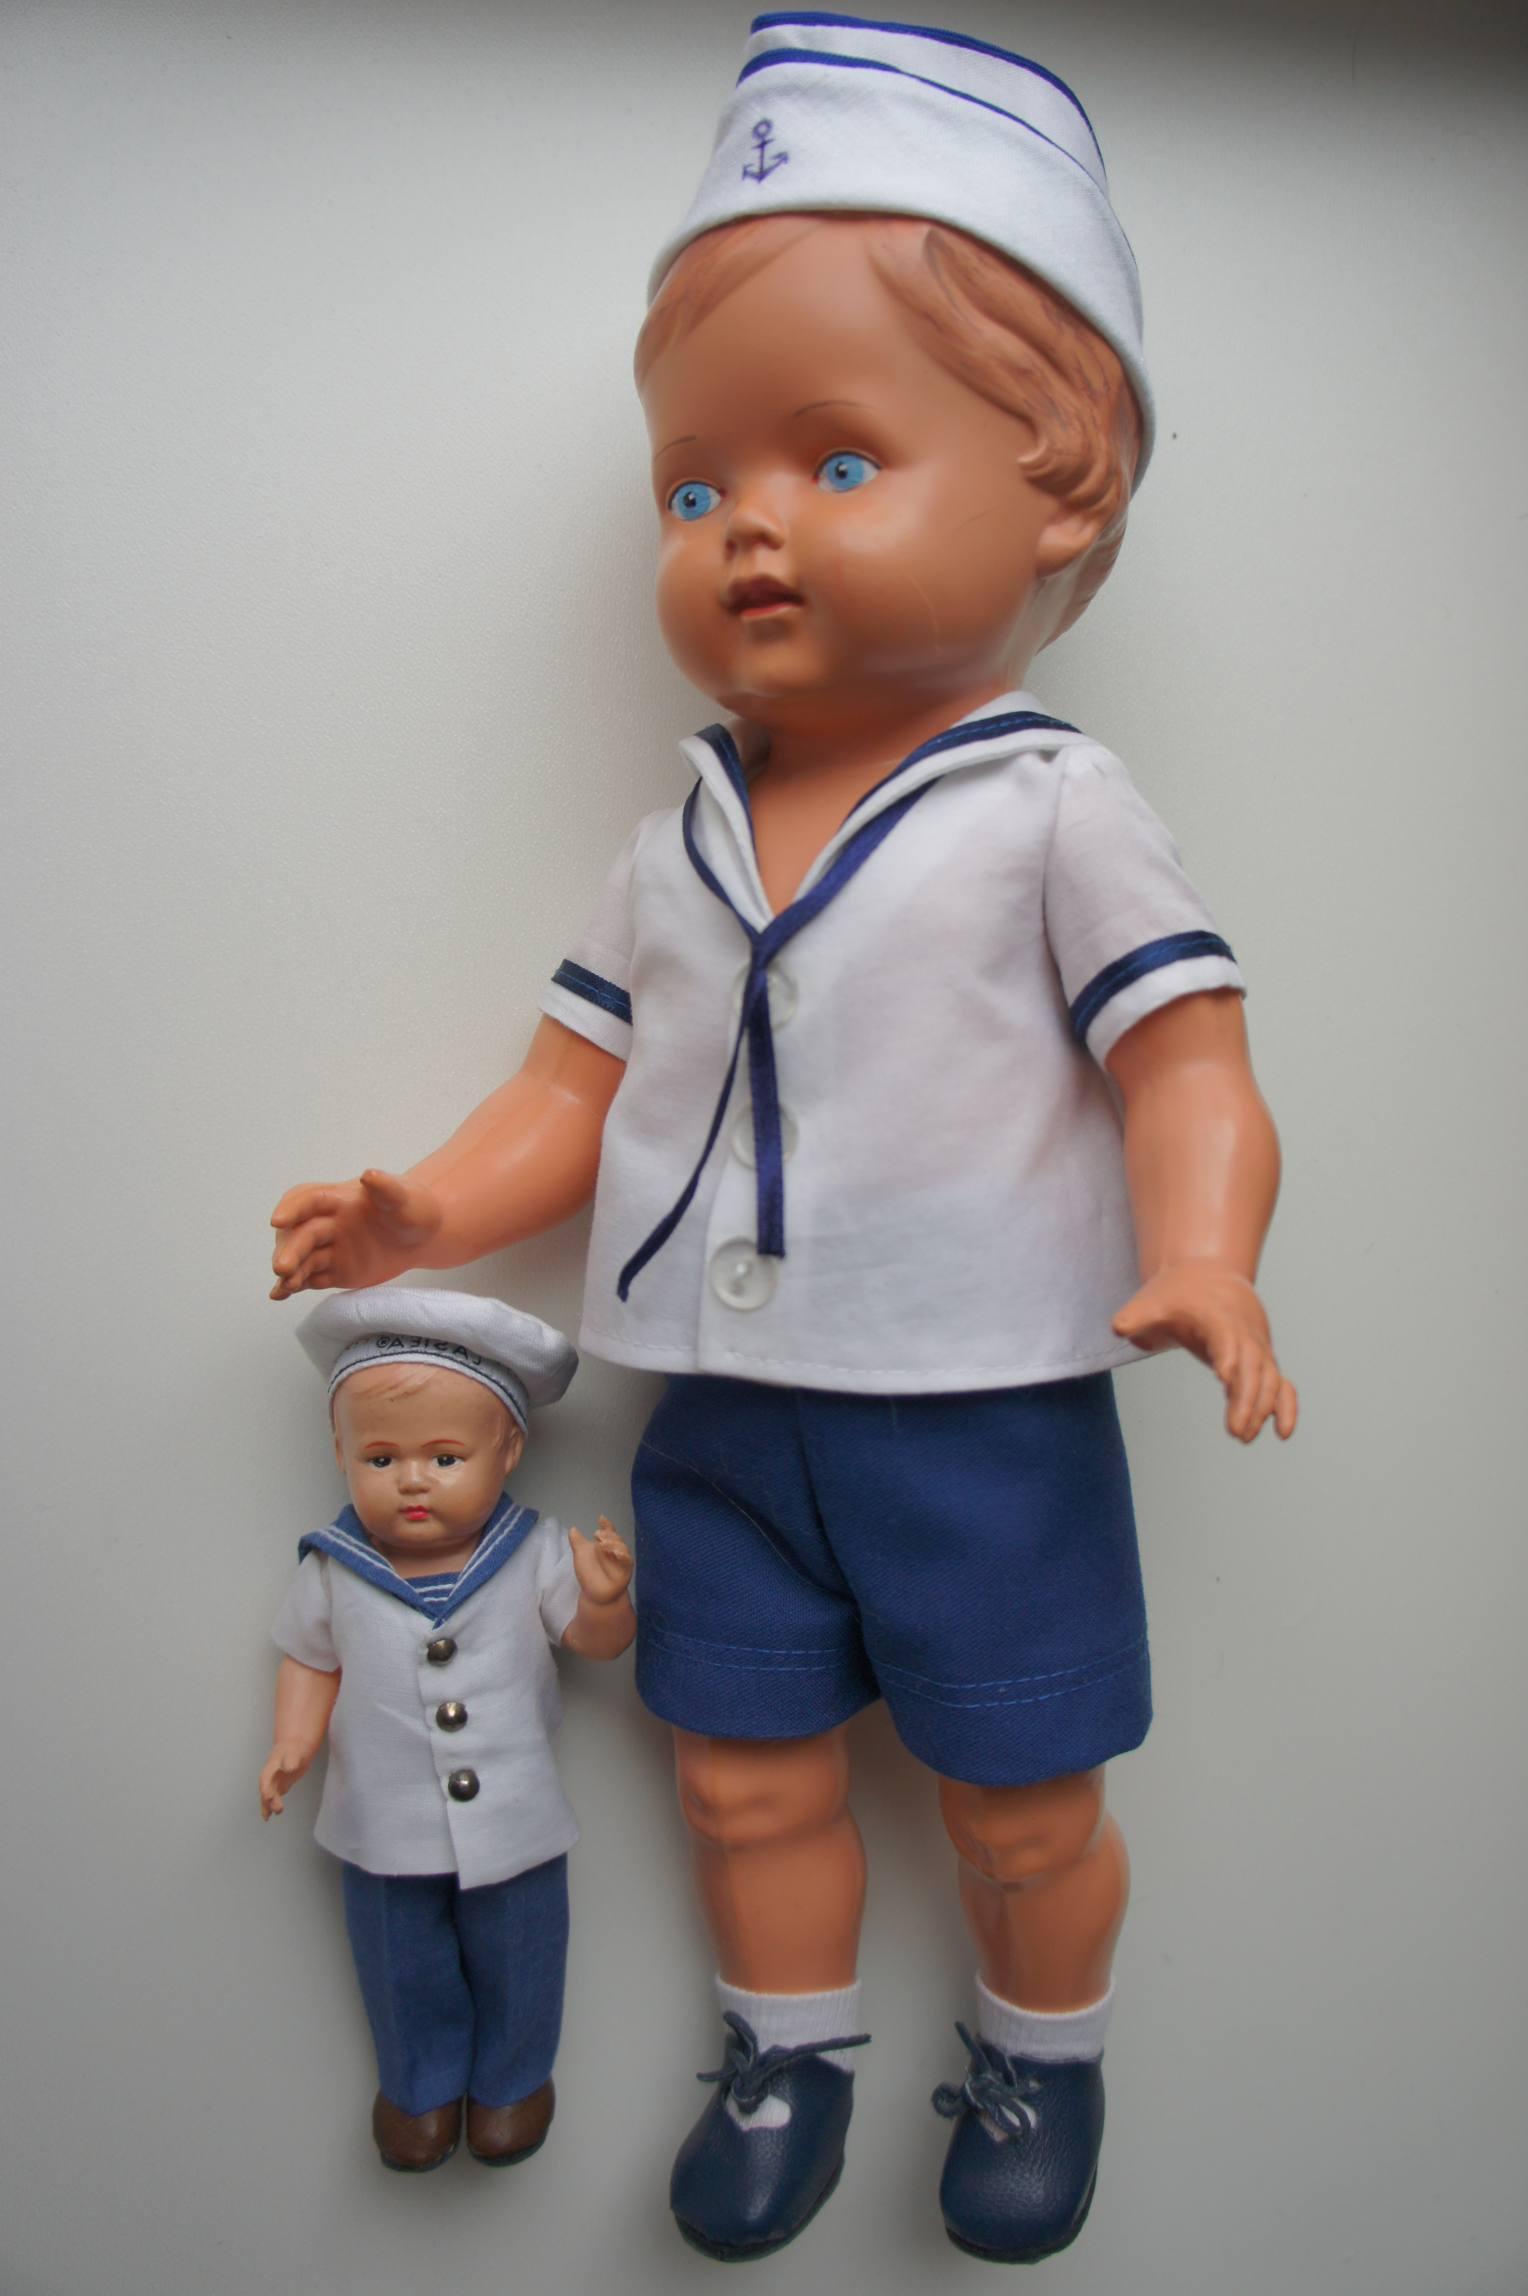 Мастерская Мимидол.  Ручной пошив винтажной одежды для кукол и ремонт кукол. Блог Красновой Натальи. DSC07970-1